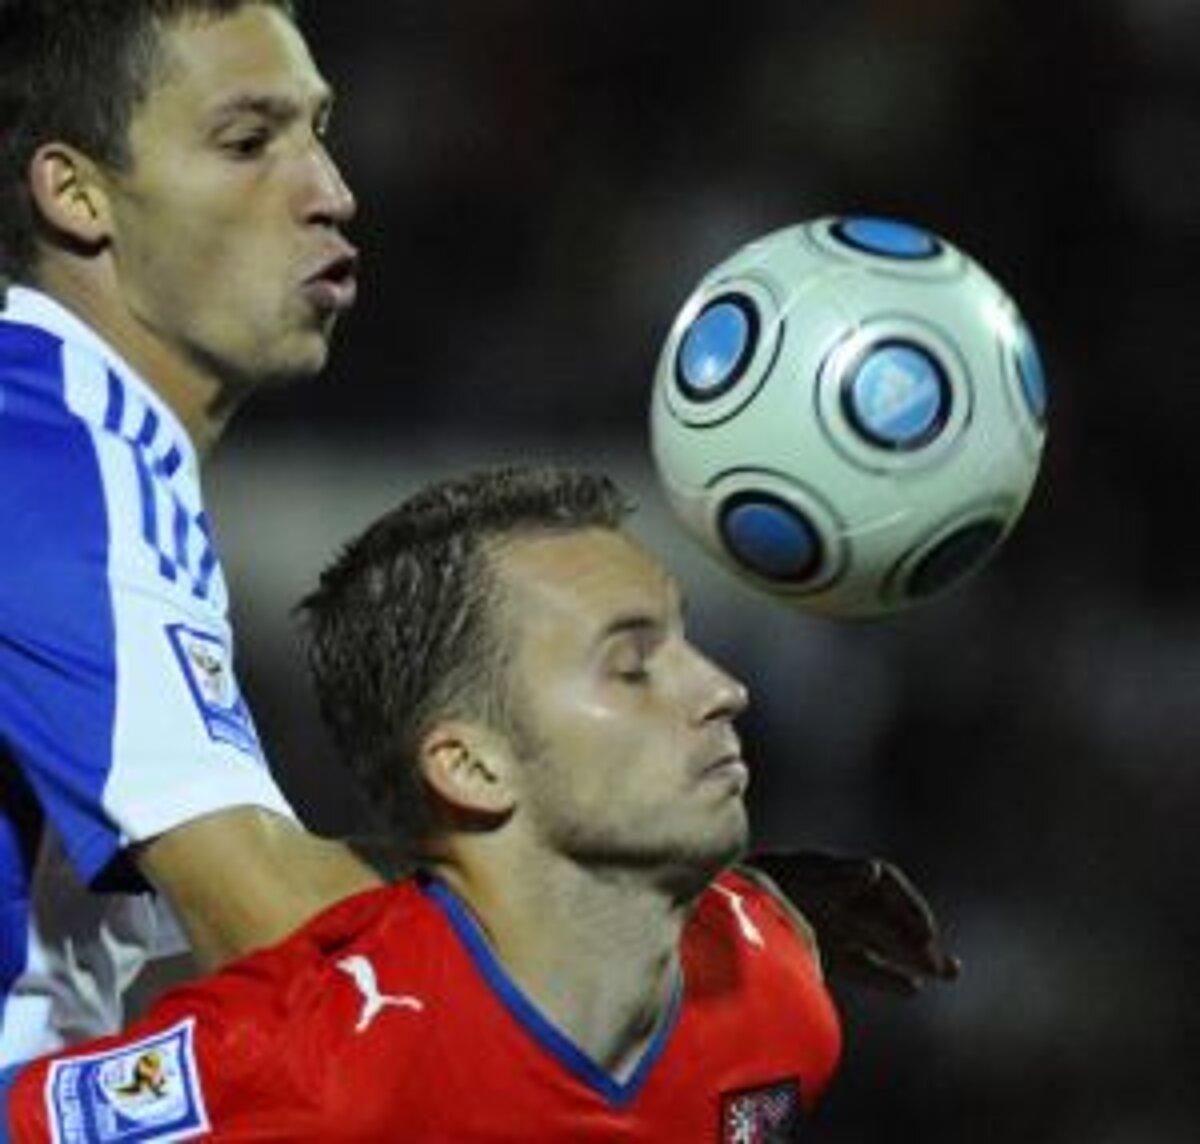 8b8e35aec70b1 Futbalisti majú po remíze zmiešané pocity - sport.sme.sk